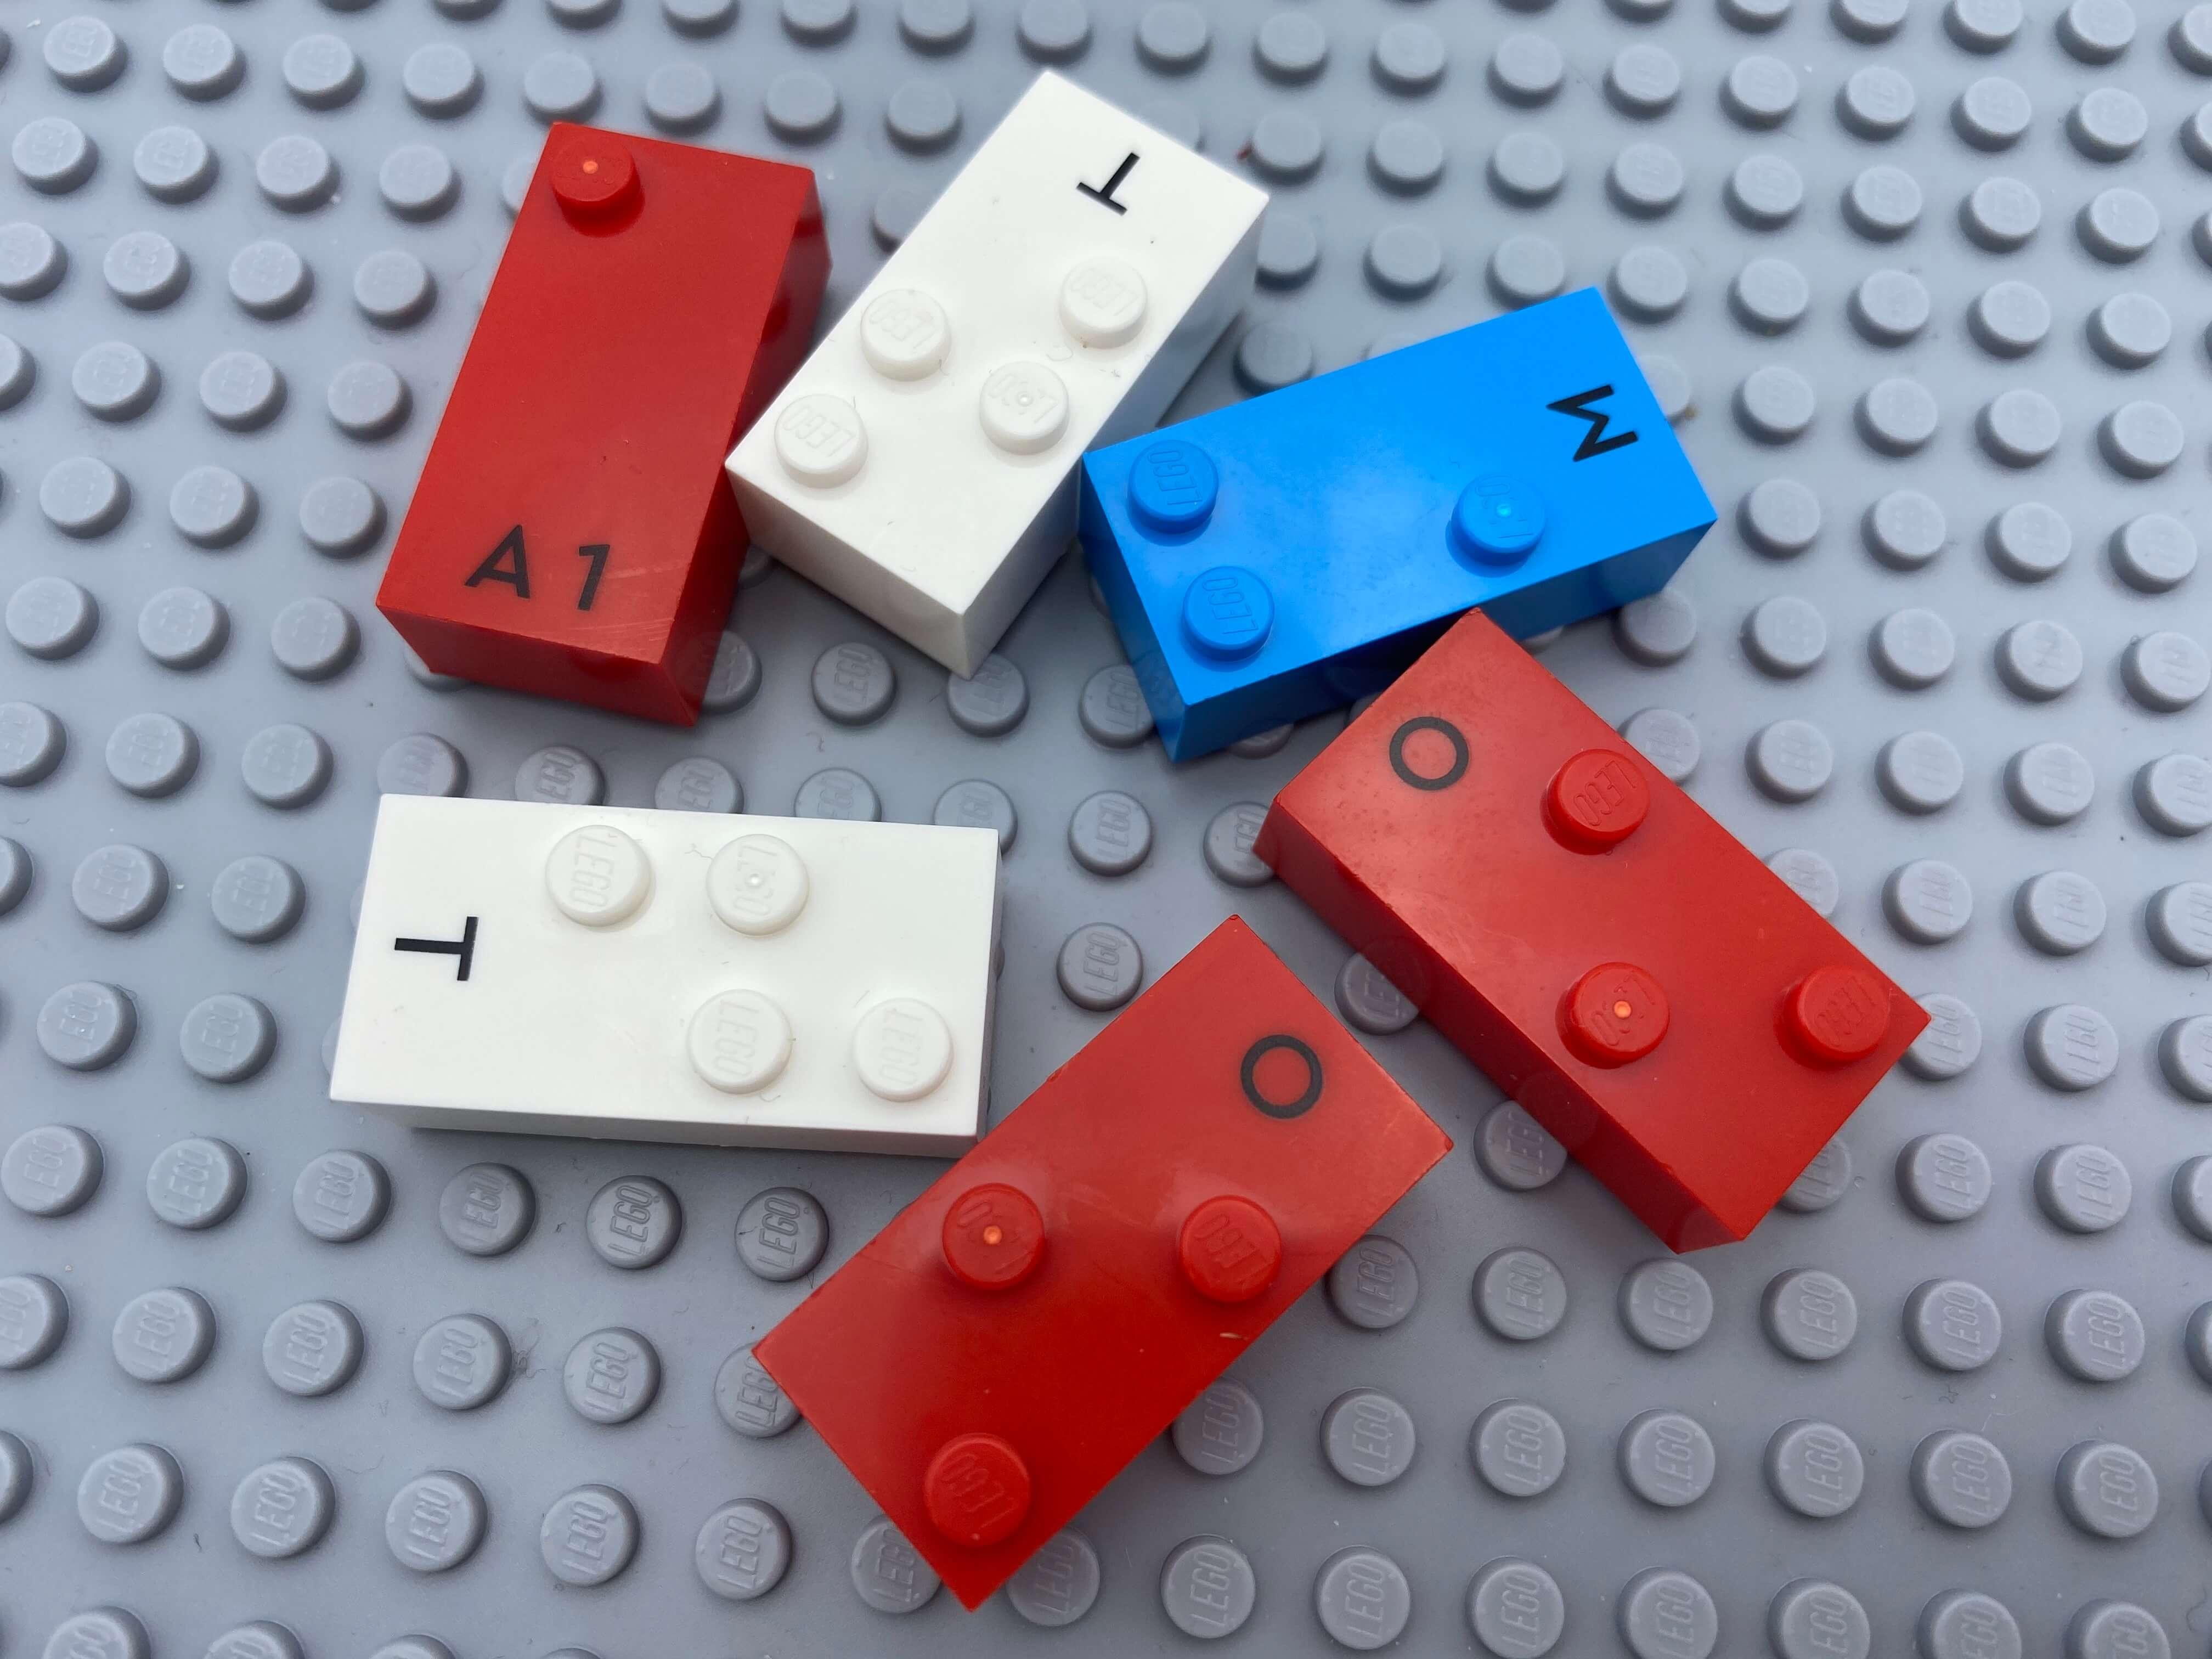 Letter bricks a, t, t, m, o, o.